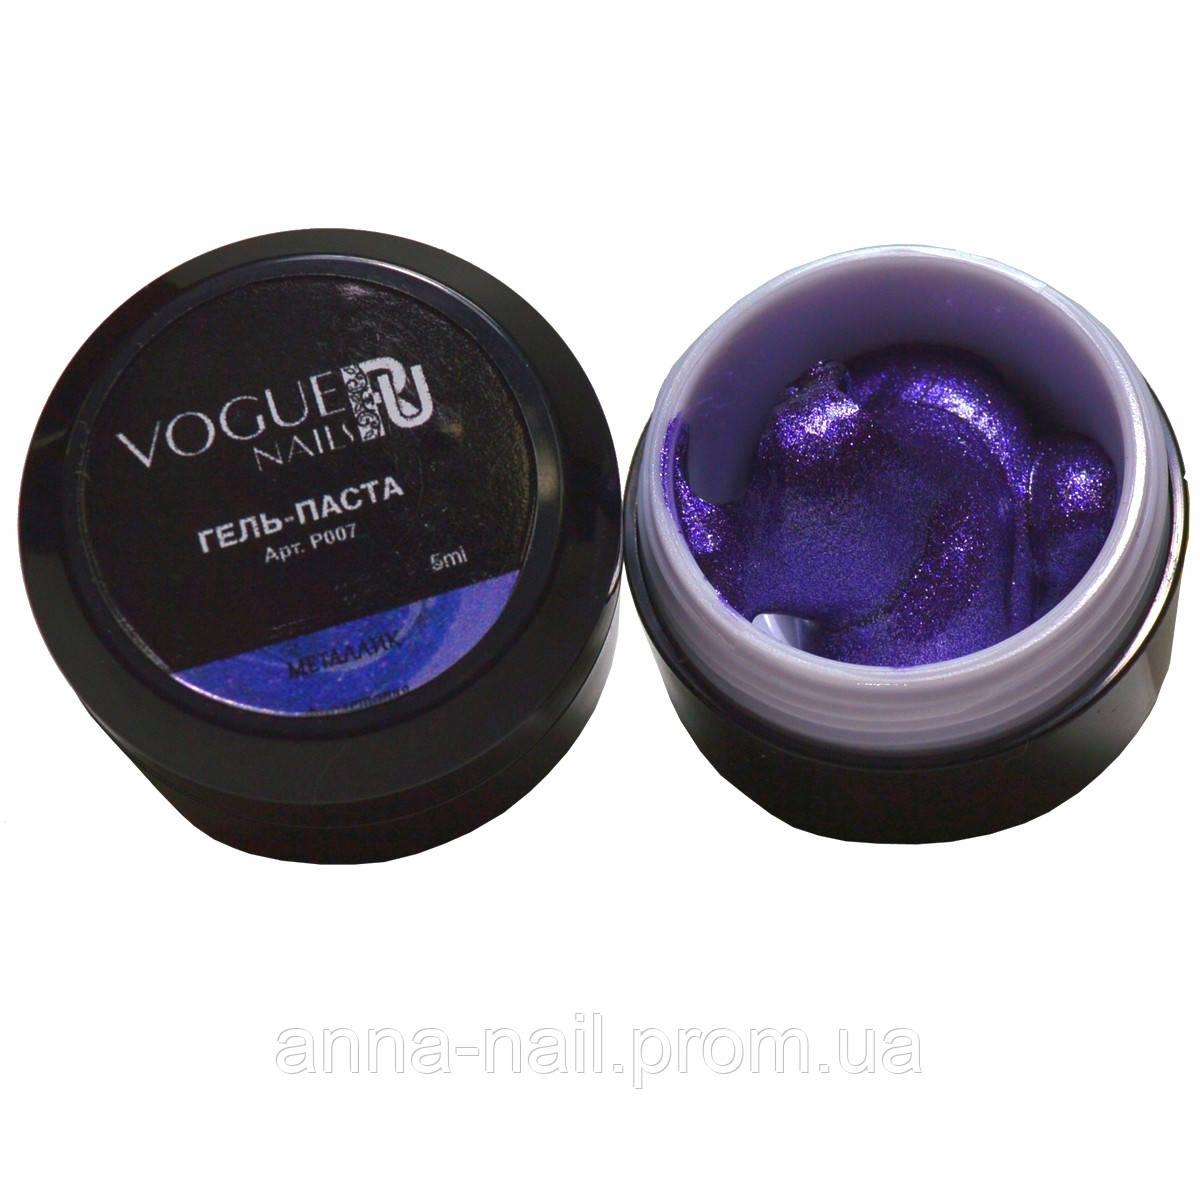 Гель-паста Vogue nails металлик фиолетовая, 5 г